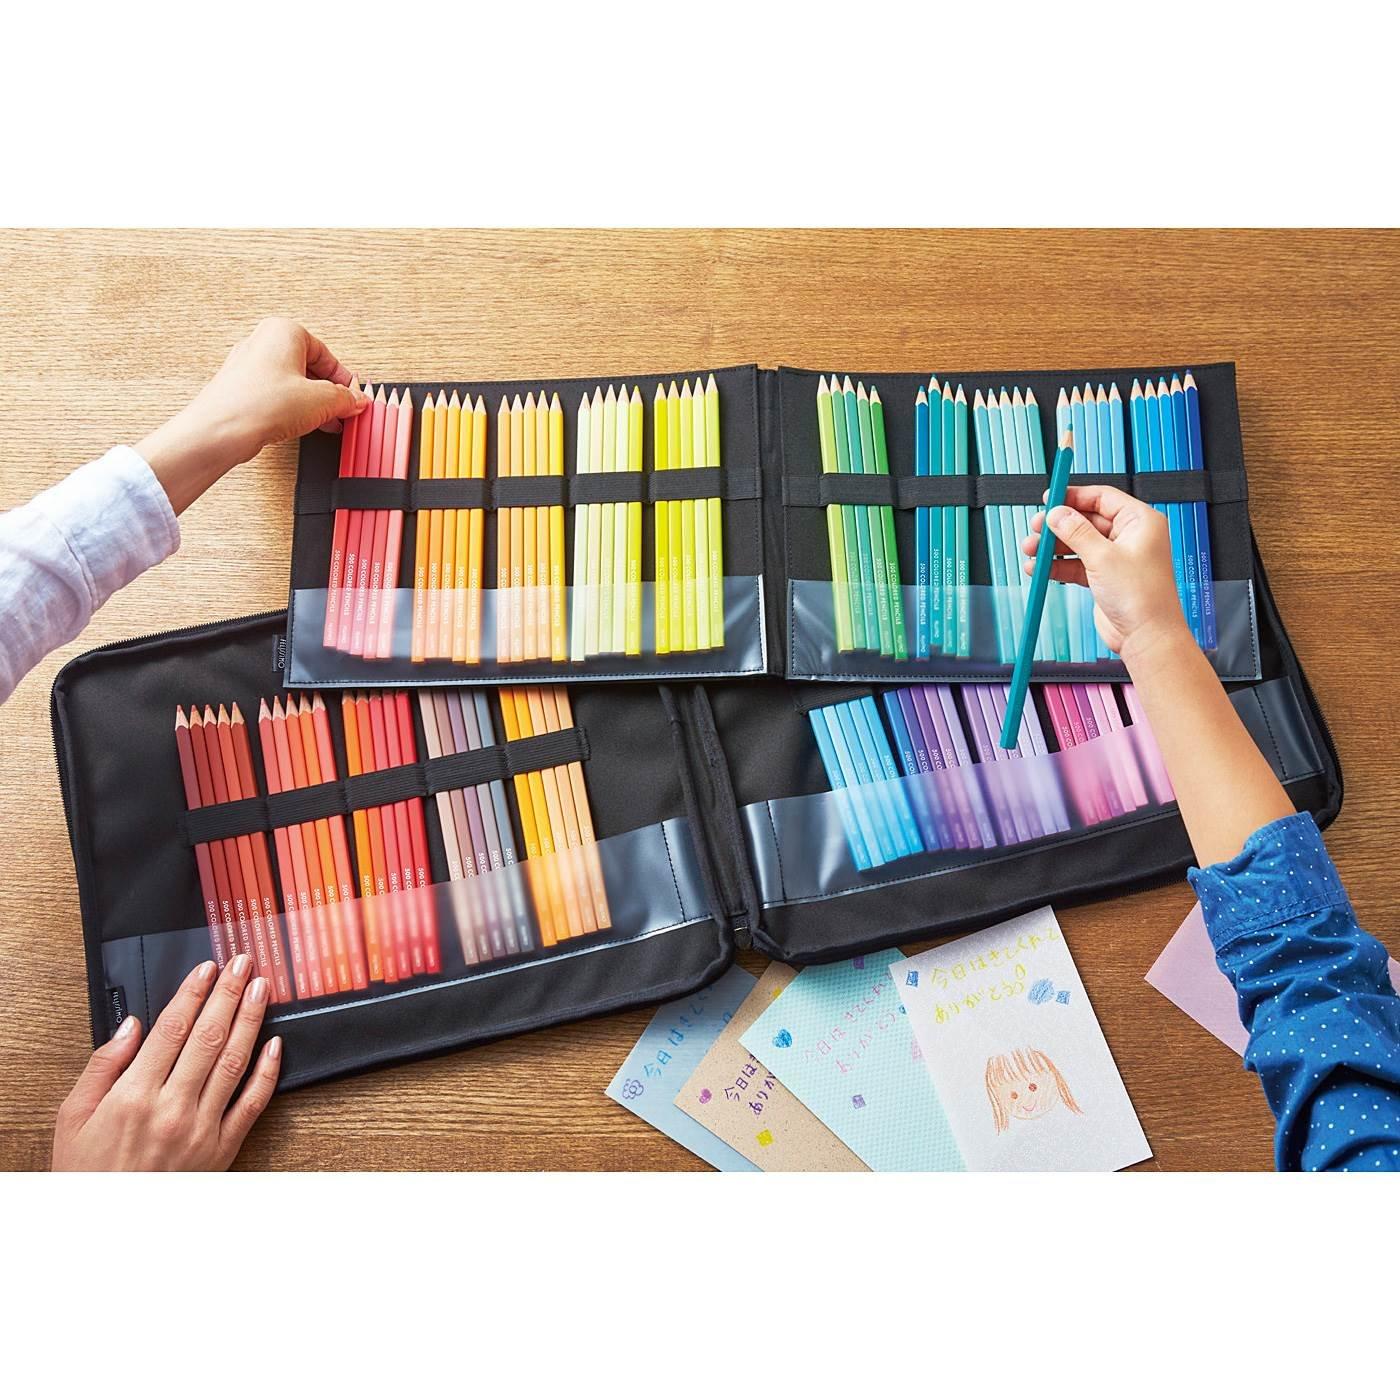 500色の色えんぴつ TOKYO SEEDS 100本収納できる 色えんぴつケース パレットバッグの会